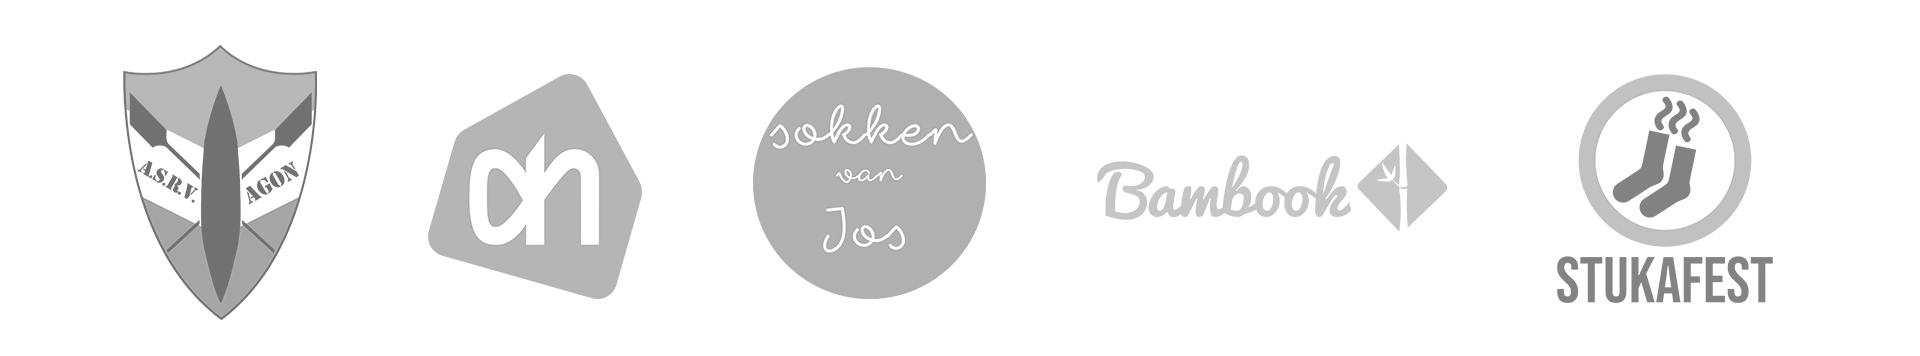 De logo's van ASRV Agon, Albert Heijn, Sokken van Jos, Bambook en Stukafest, een aantal van de bedrijven waar ik tot nu mee heb samengewerkt